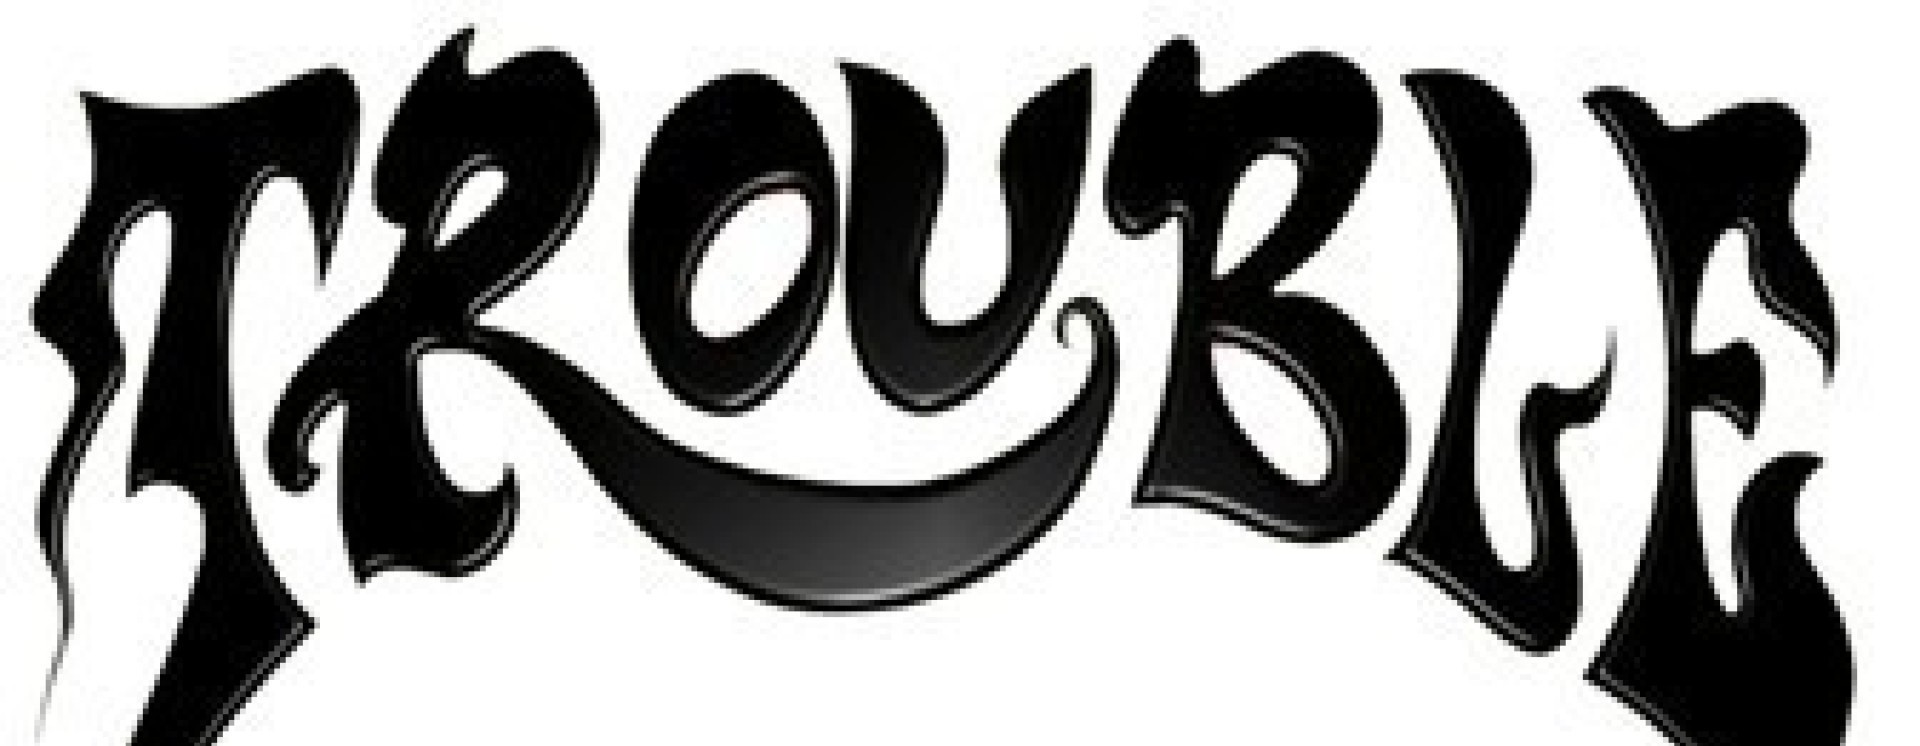 1398194487 trouble logo blackwhite copy